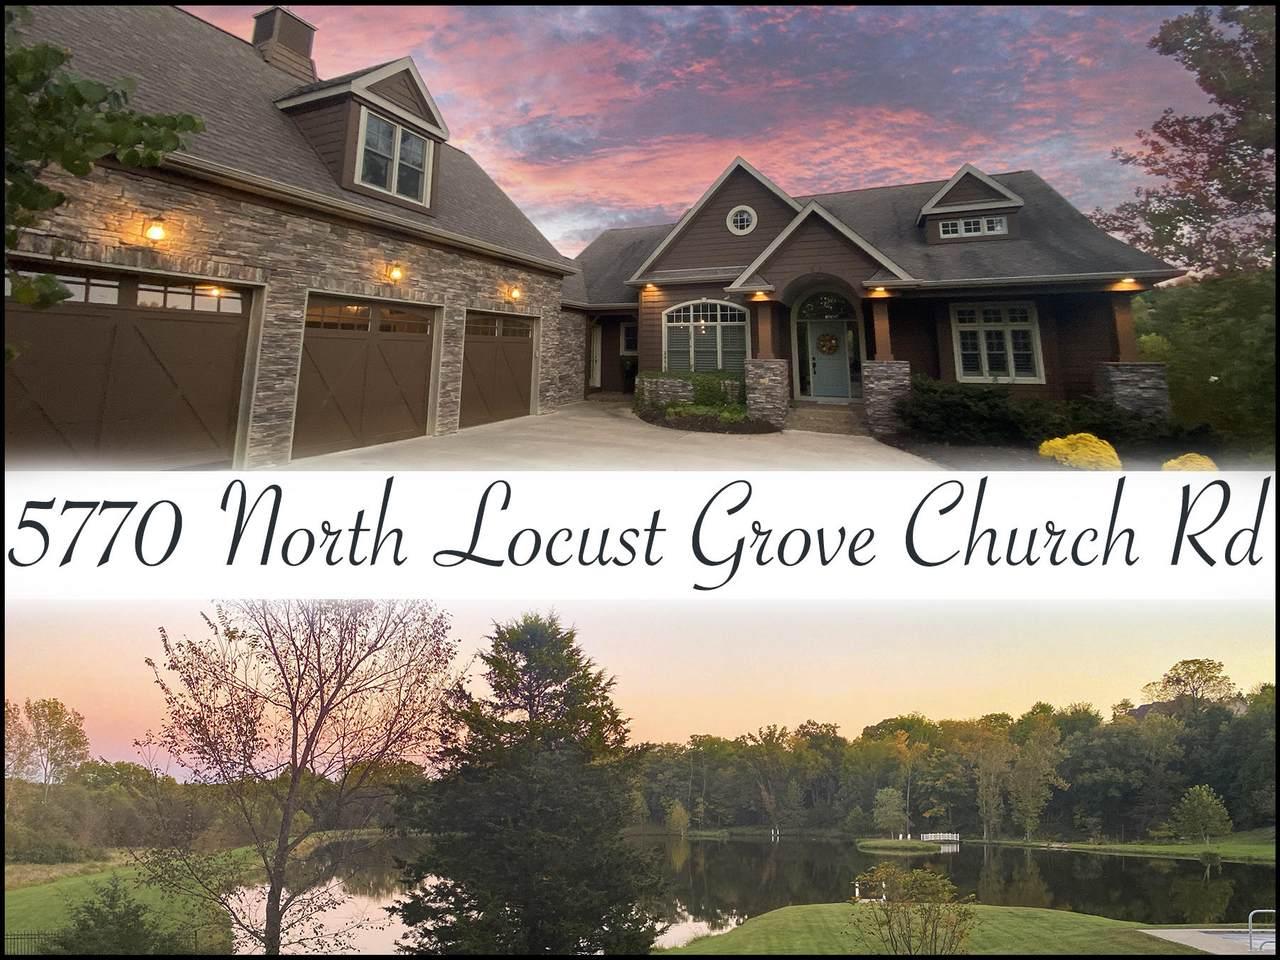 5770 Locust Grove Church Rd - Photo 1